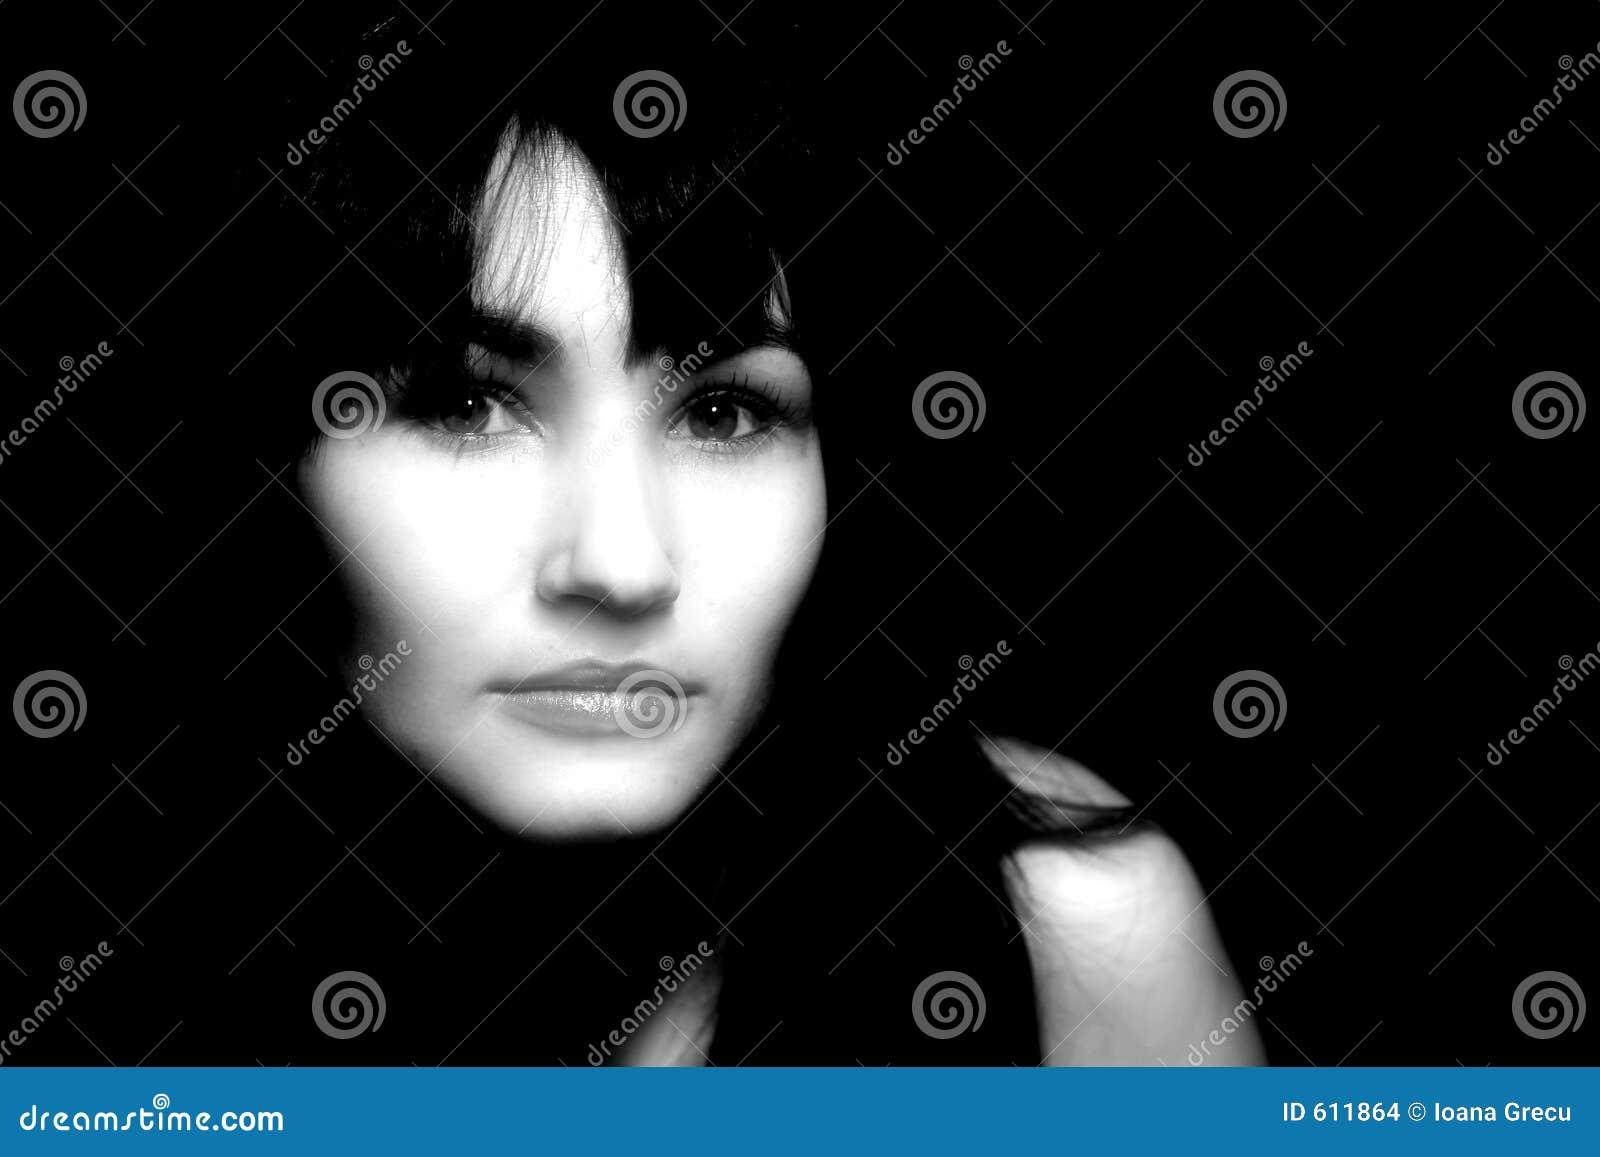 Portret in dark